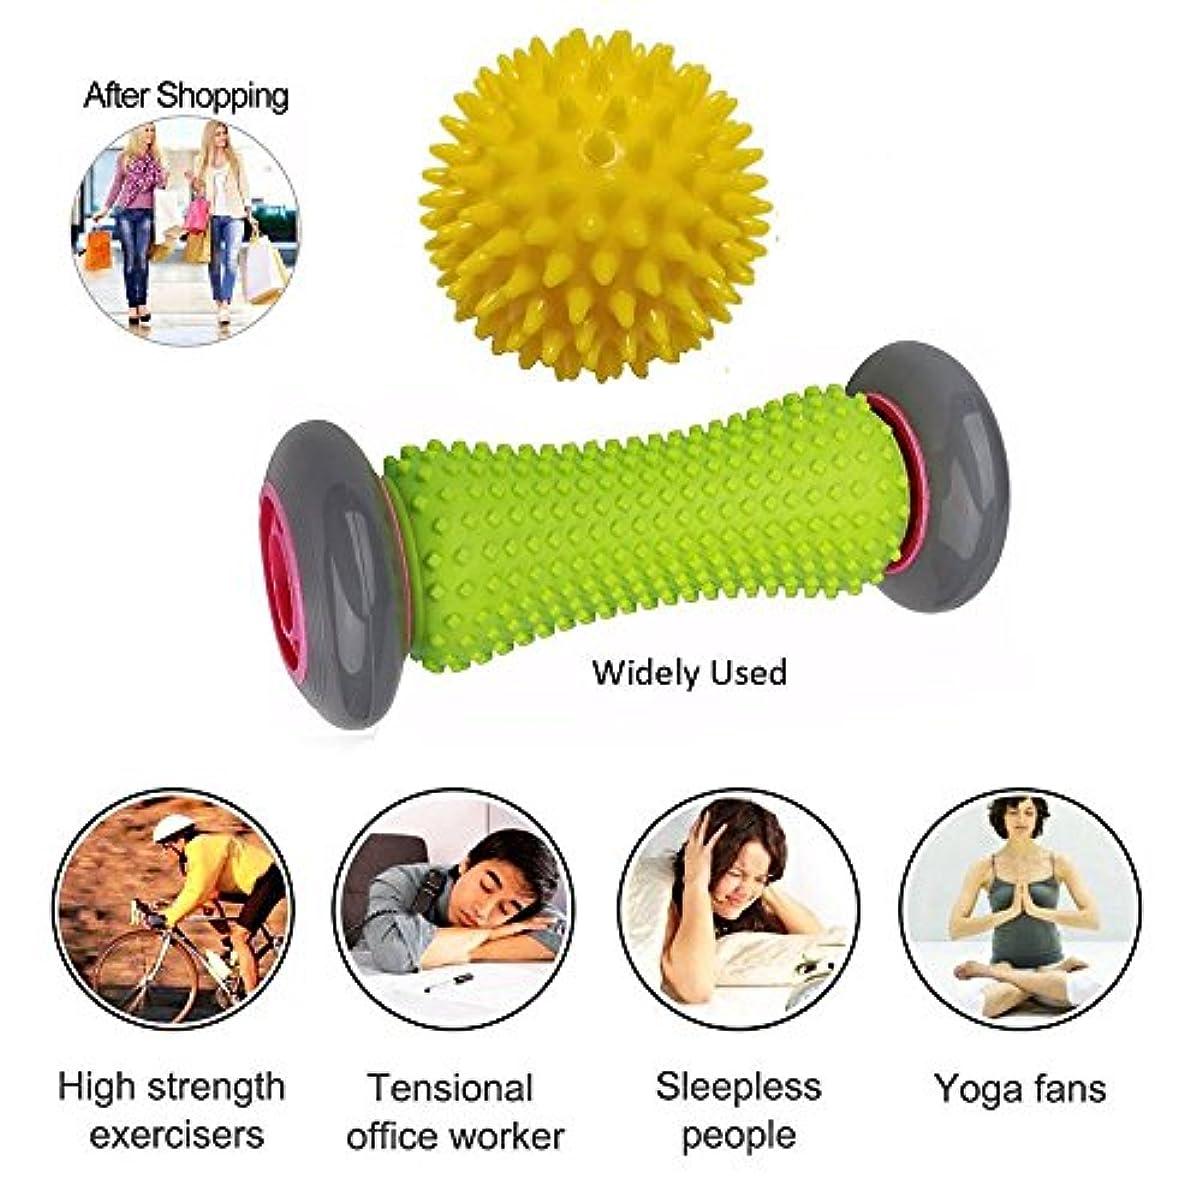 フットマッサージローラー - アメージングモール - 理想的な足の痛みの救済マッサージ - フットマッサージャーのためのヒールスパー - 効果的なローラーの足のローラーマッサージ - 推奨フットマッサージャーランナー -...